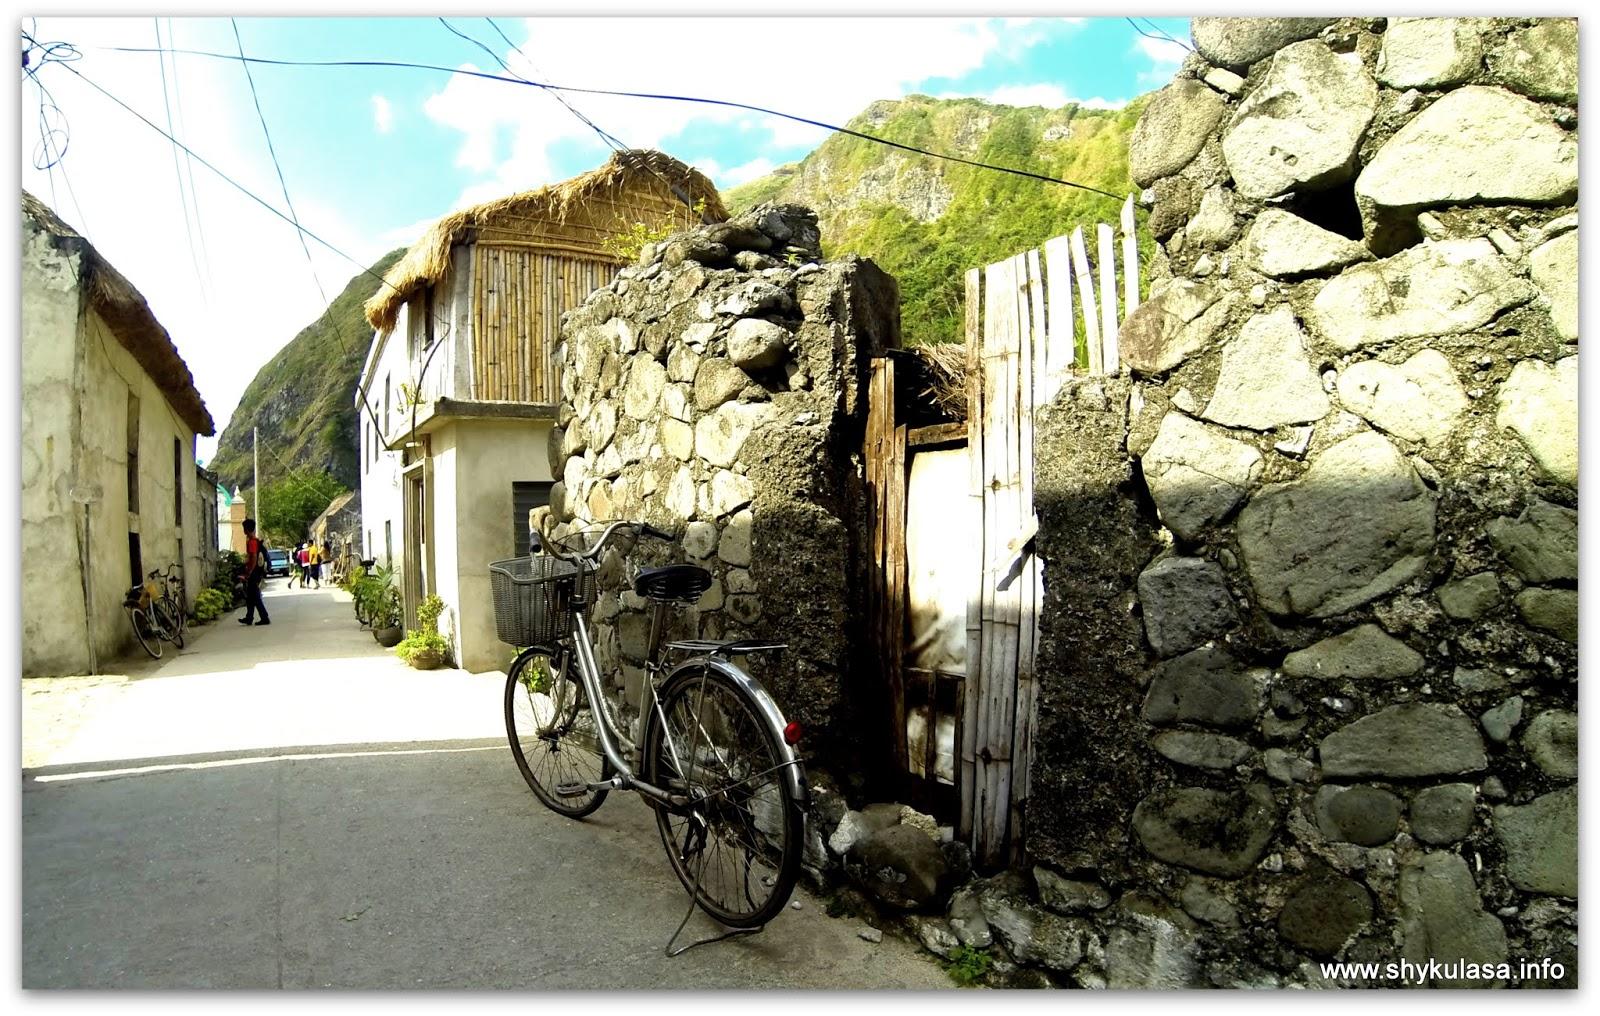 Stone Houses at Chavayan Village, Sabtang, Batanes